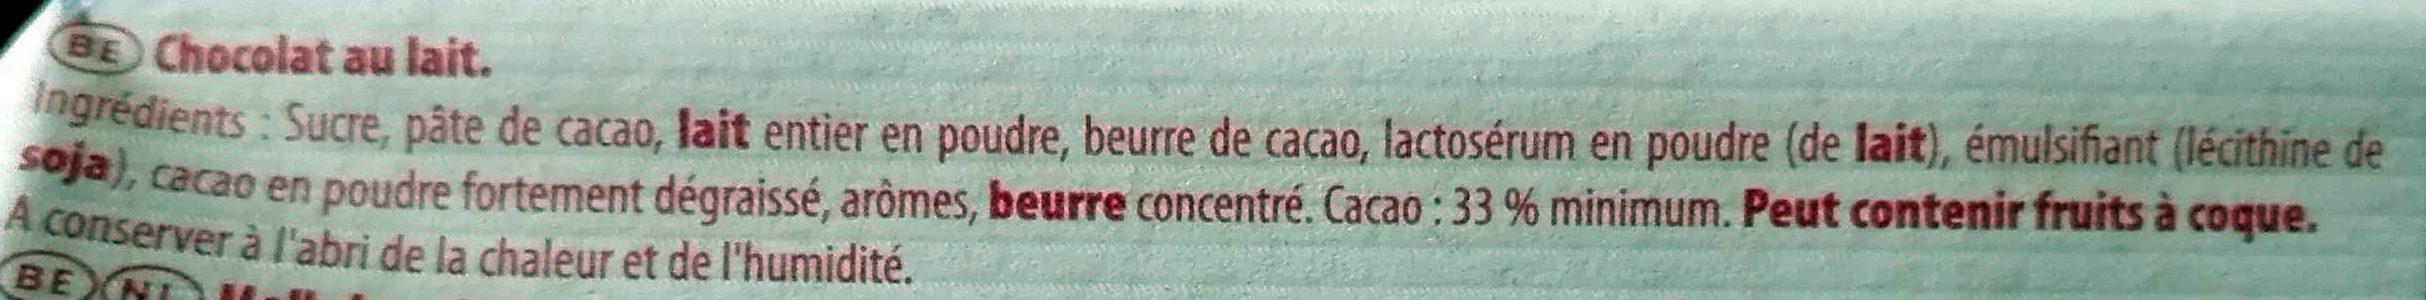 Côte d'Or Lait (33% de cacao) - Ingredients